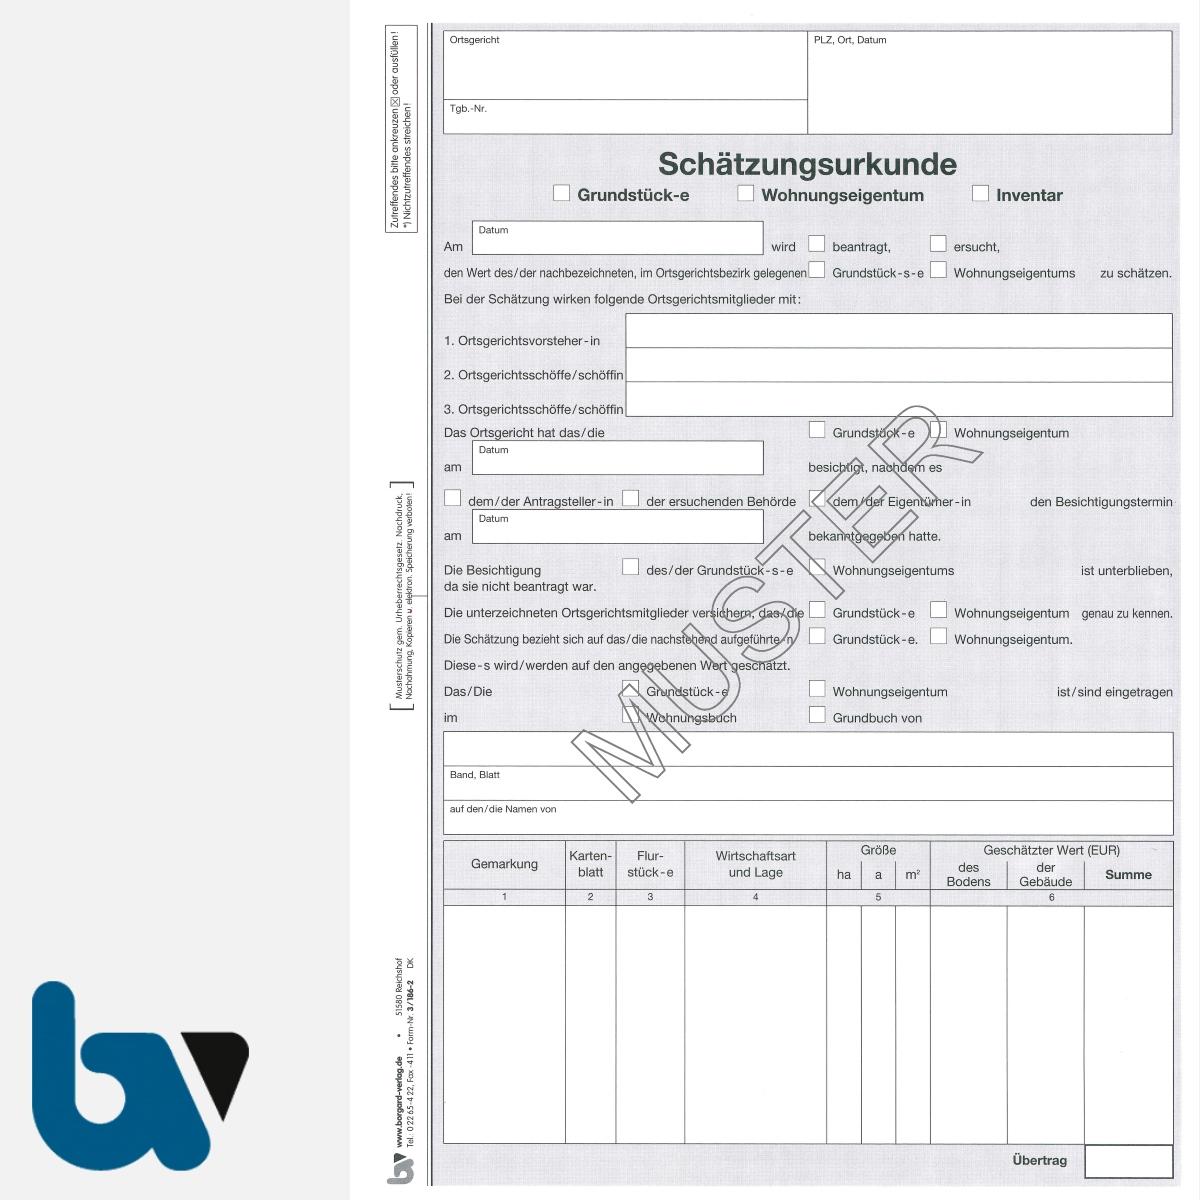 3/186-2a Schätzungsurkunde Grundstück Wohnungseigentum Inventar Ortsgericht Hessen Solo DIN A4 Seite 1 | Borgard Verlag GmbH